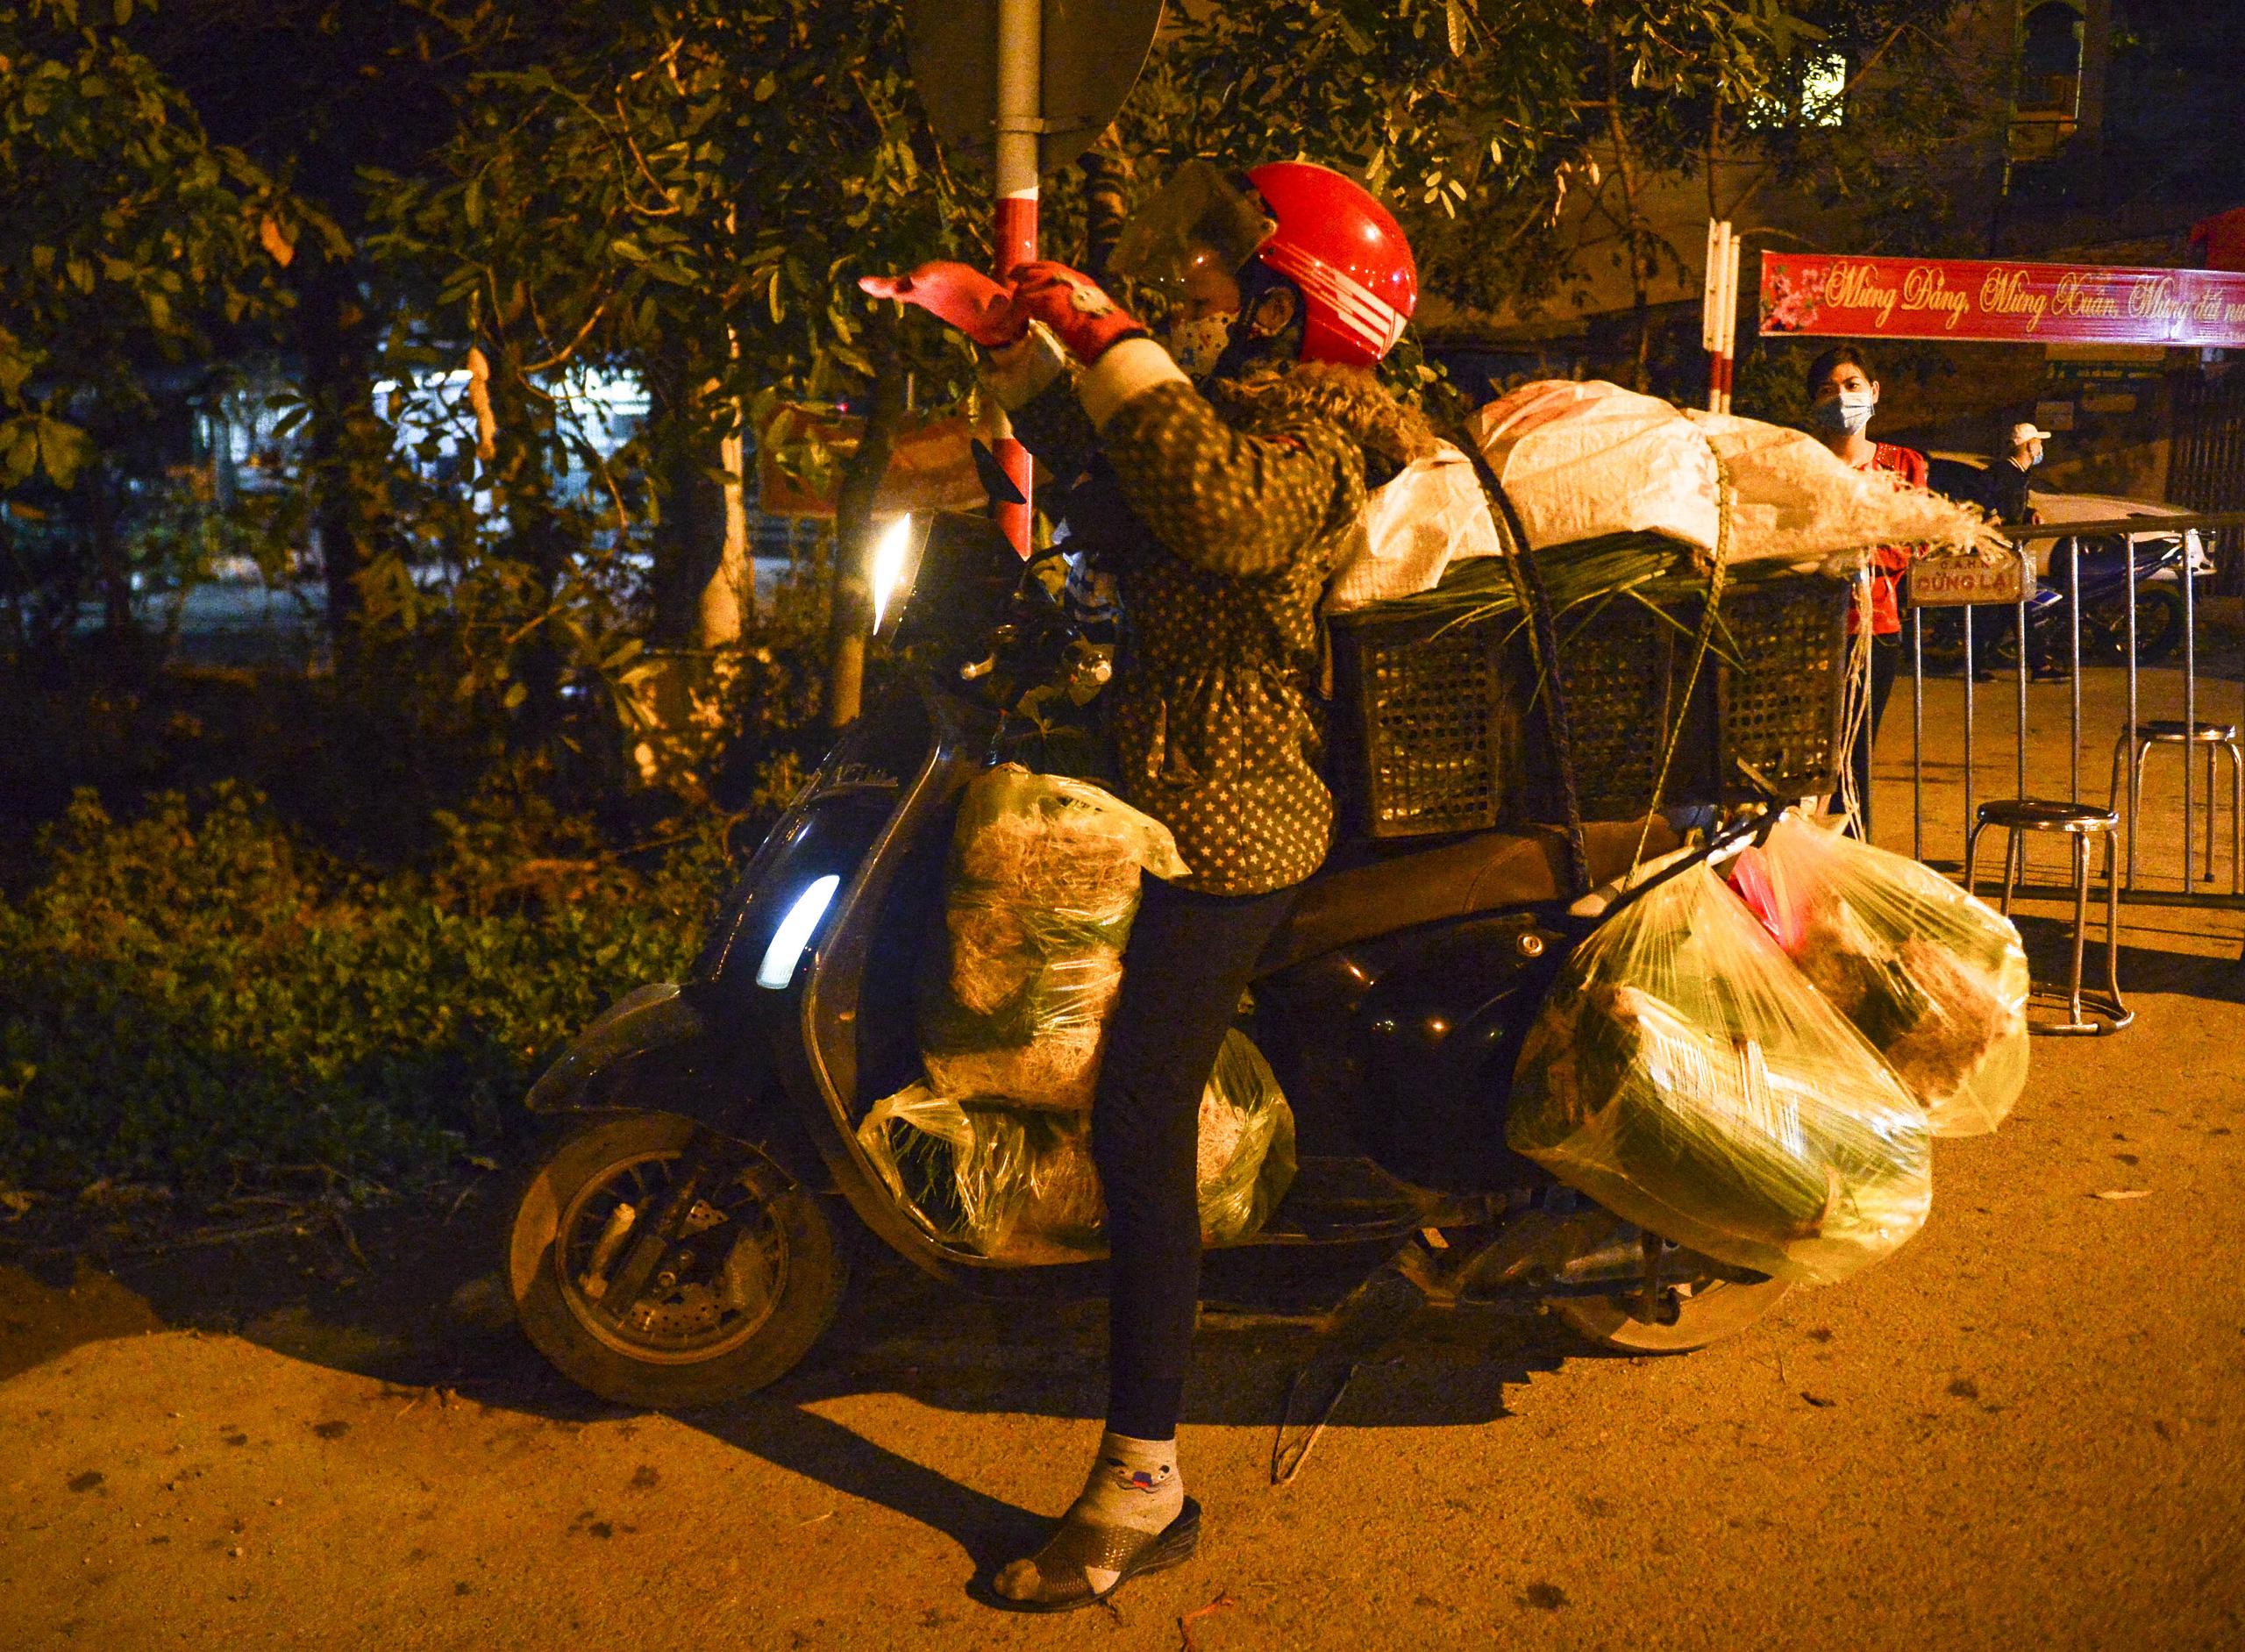 [Ảnh] Xe tuyên truyền phòng, chống COVID-19 ngày đêm đi quanh thôn có người dương tính SARS-CoV-2 ở Hà Nội - Ảnh 7.